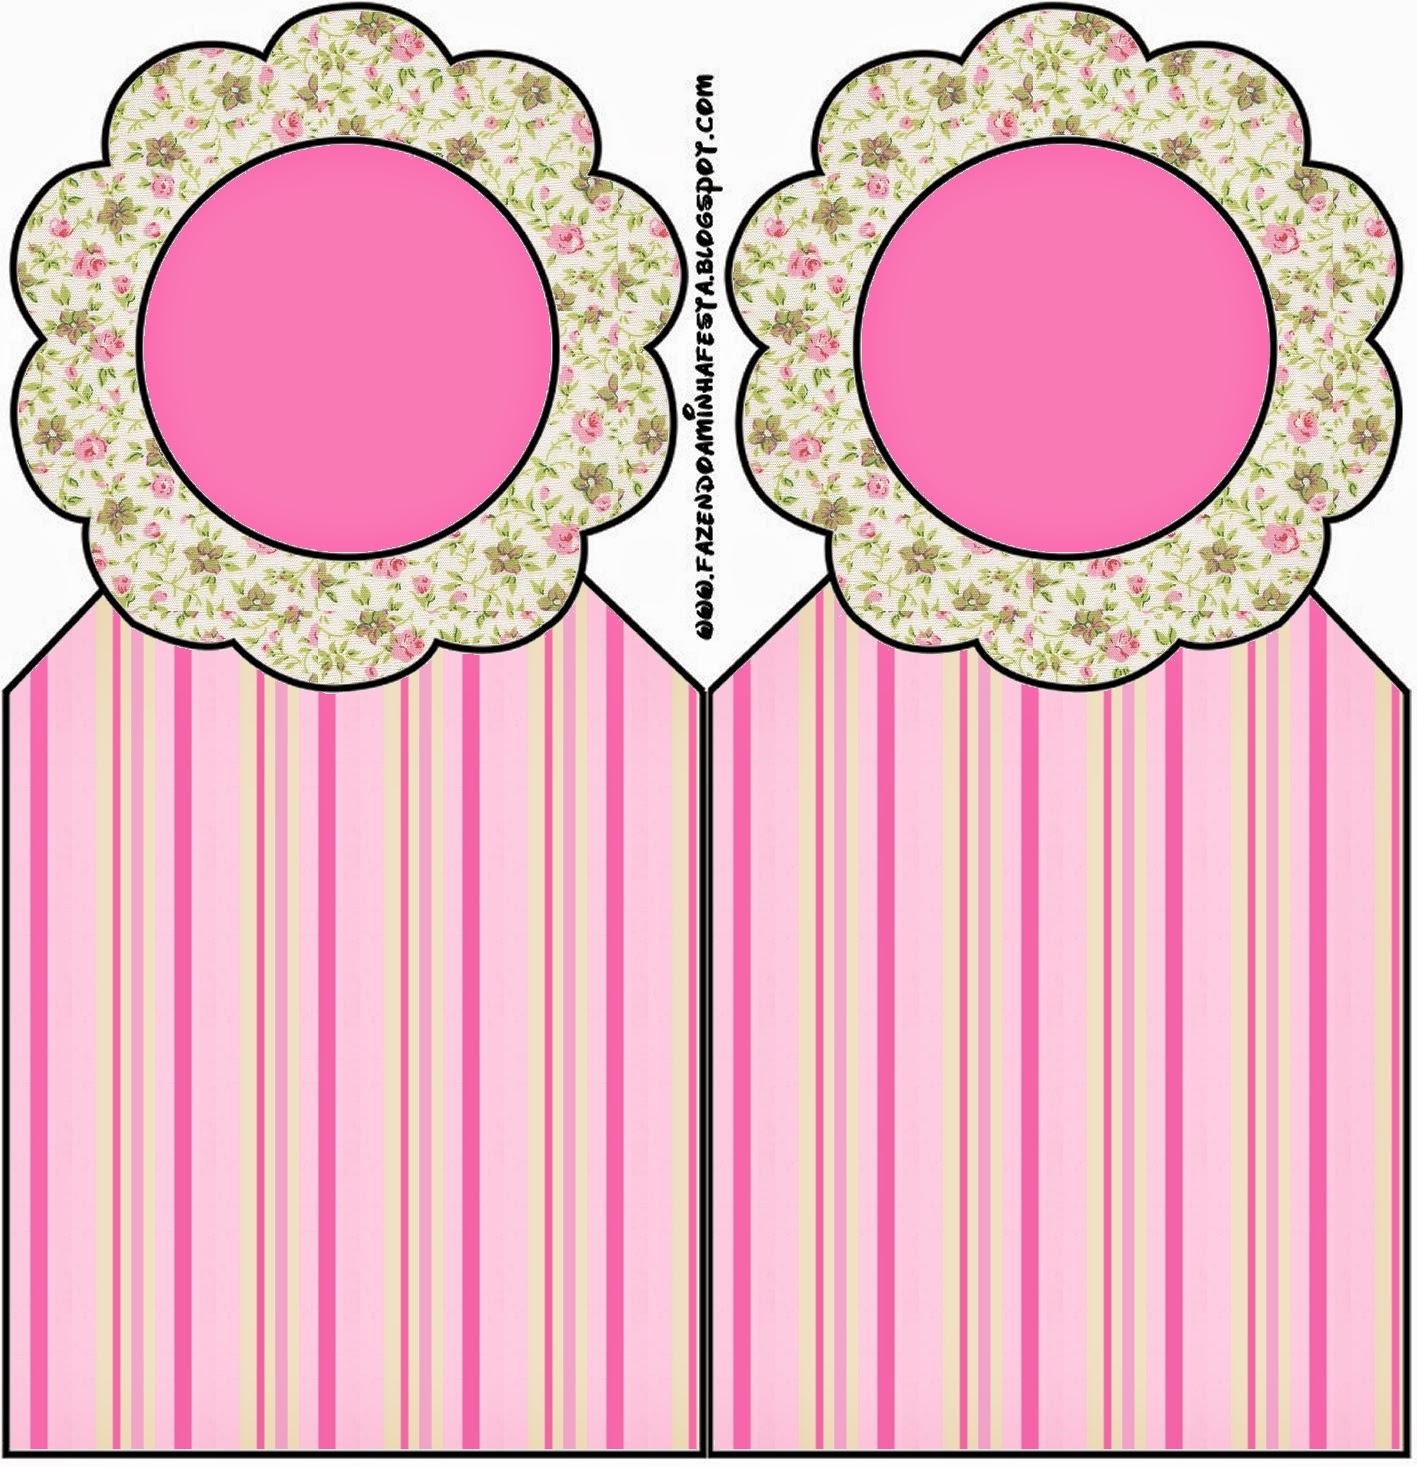 Marcapaginas para Imprimir Gratis de Shabby Chic Rosa y Amarillo.